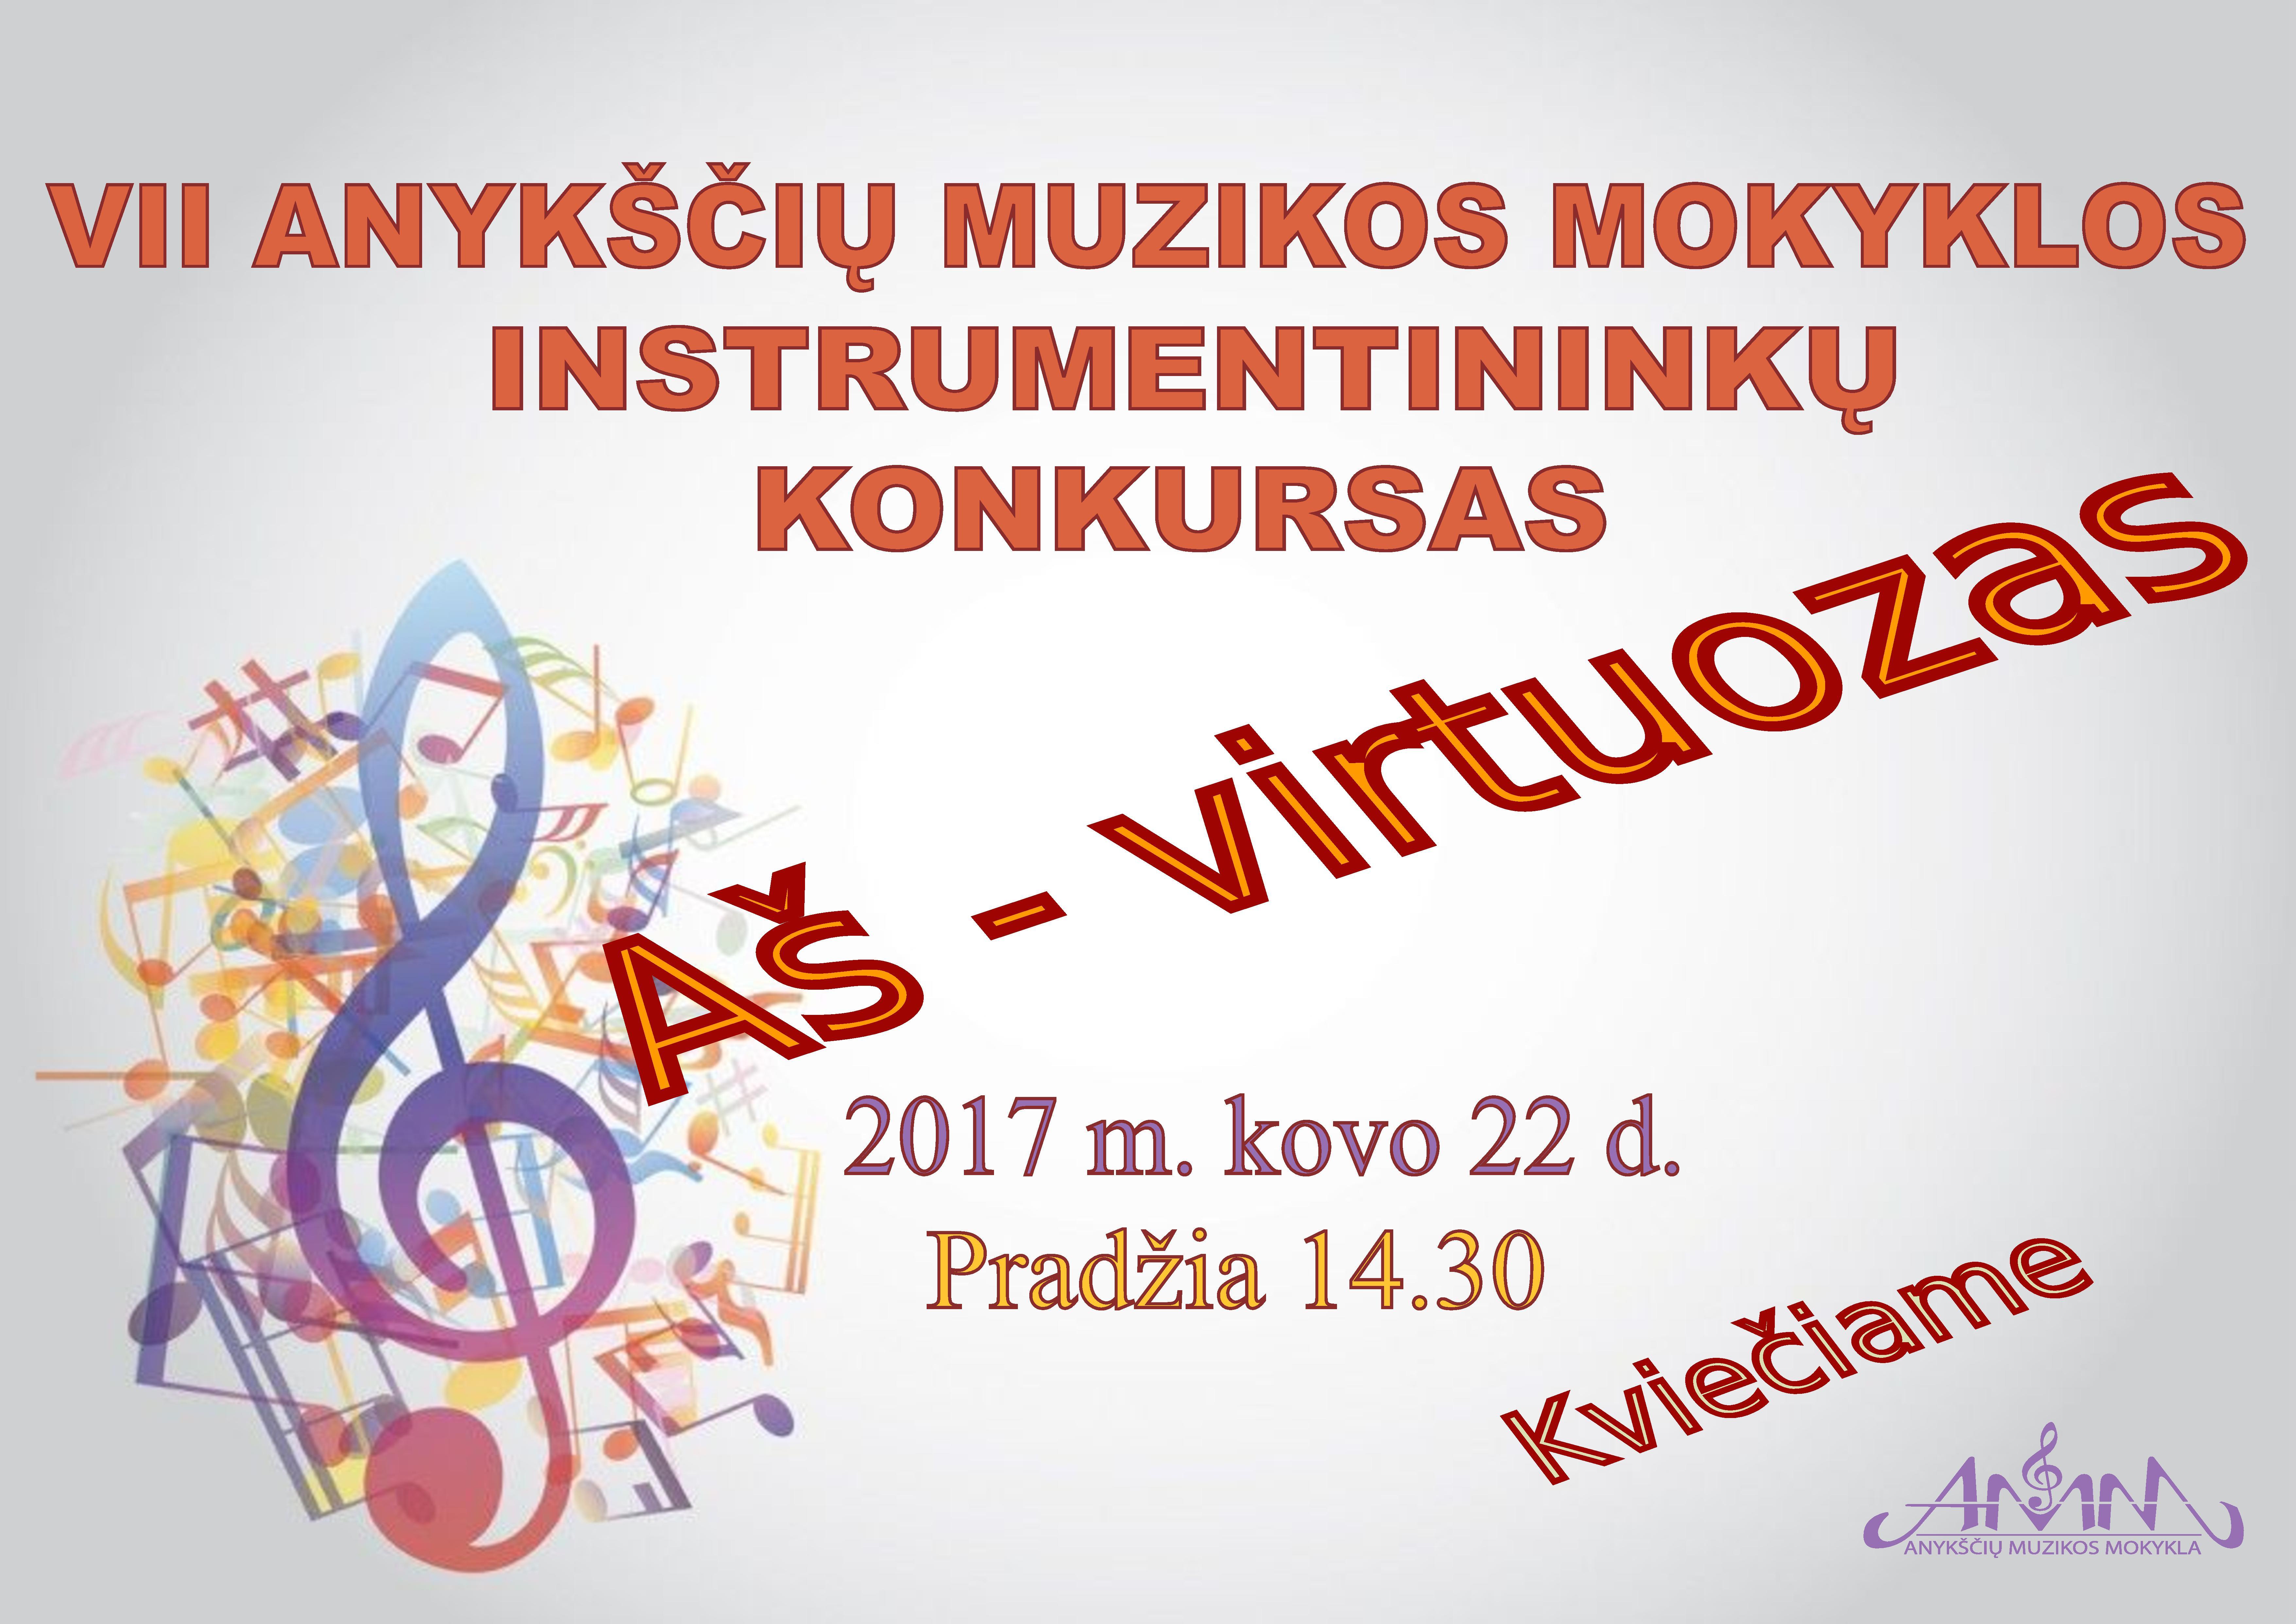 Afiša_virtuozas-page-001